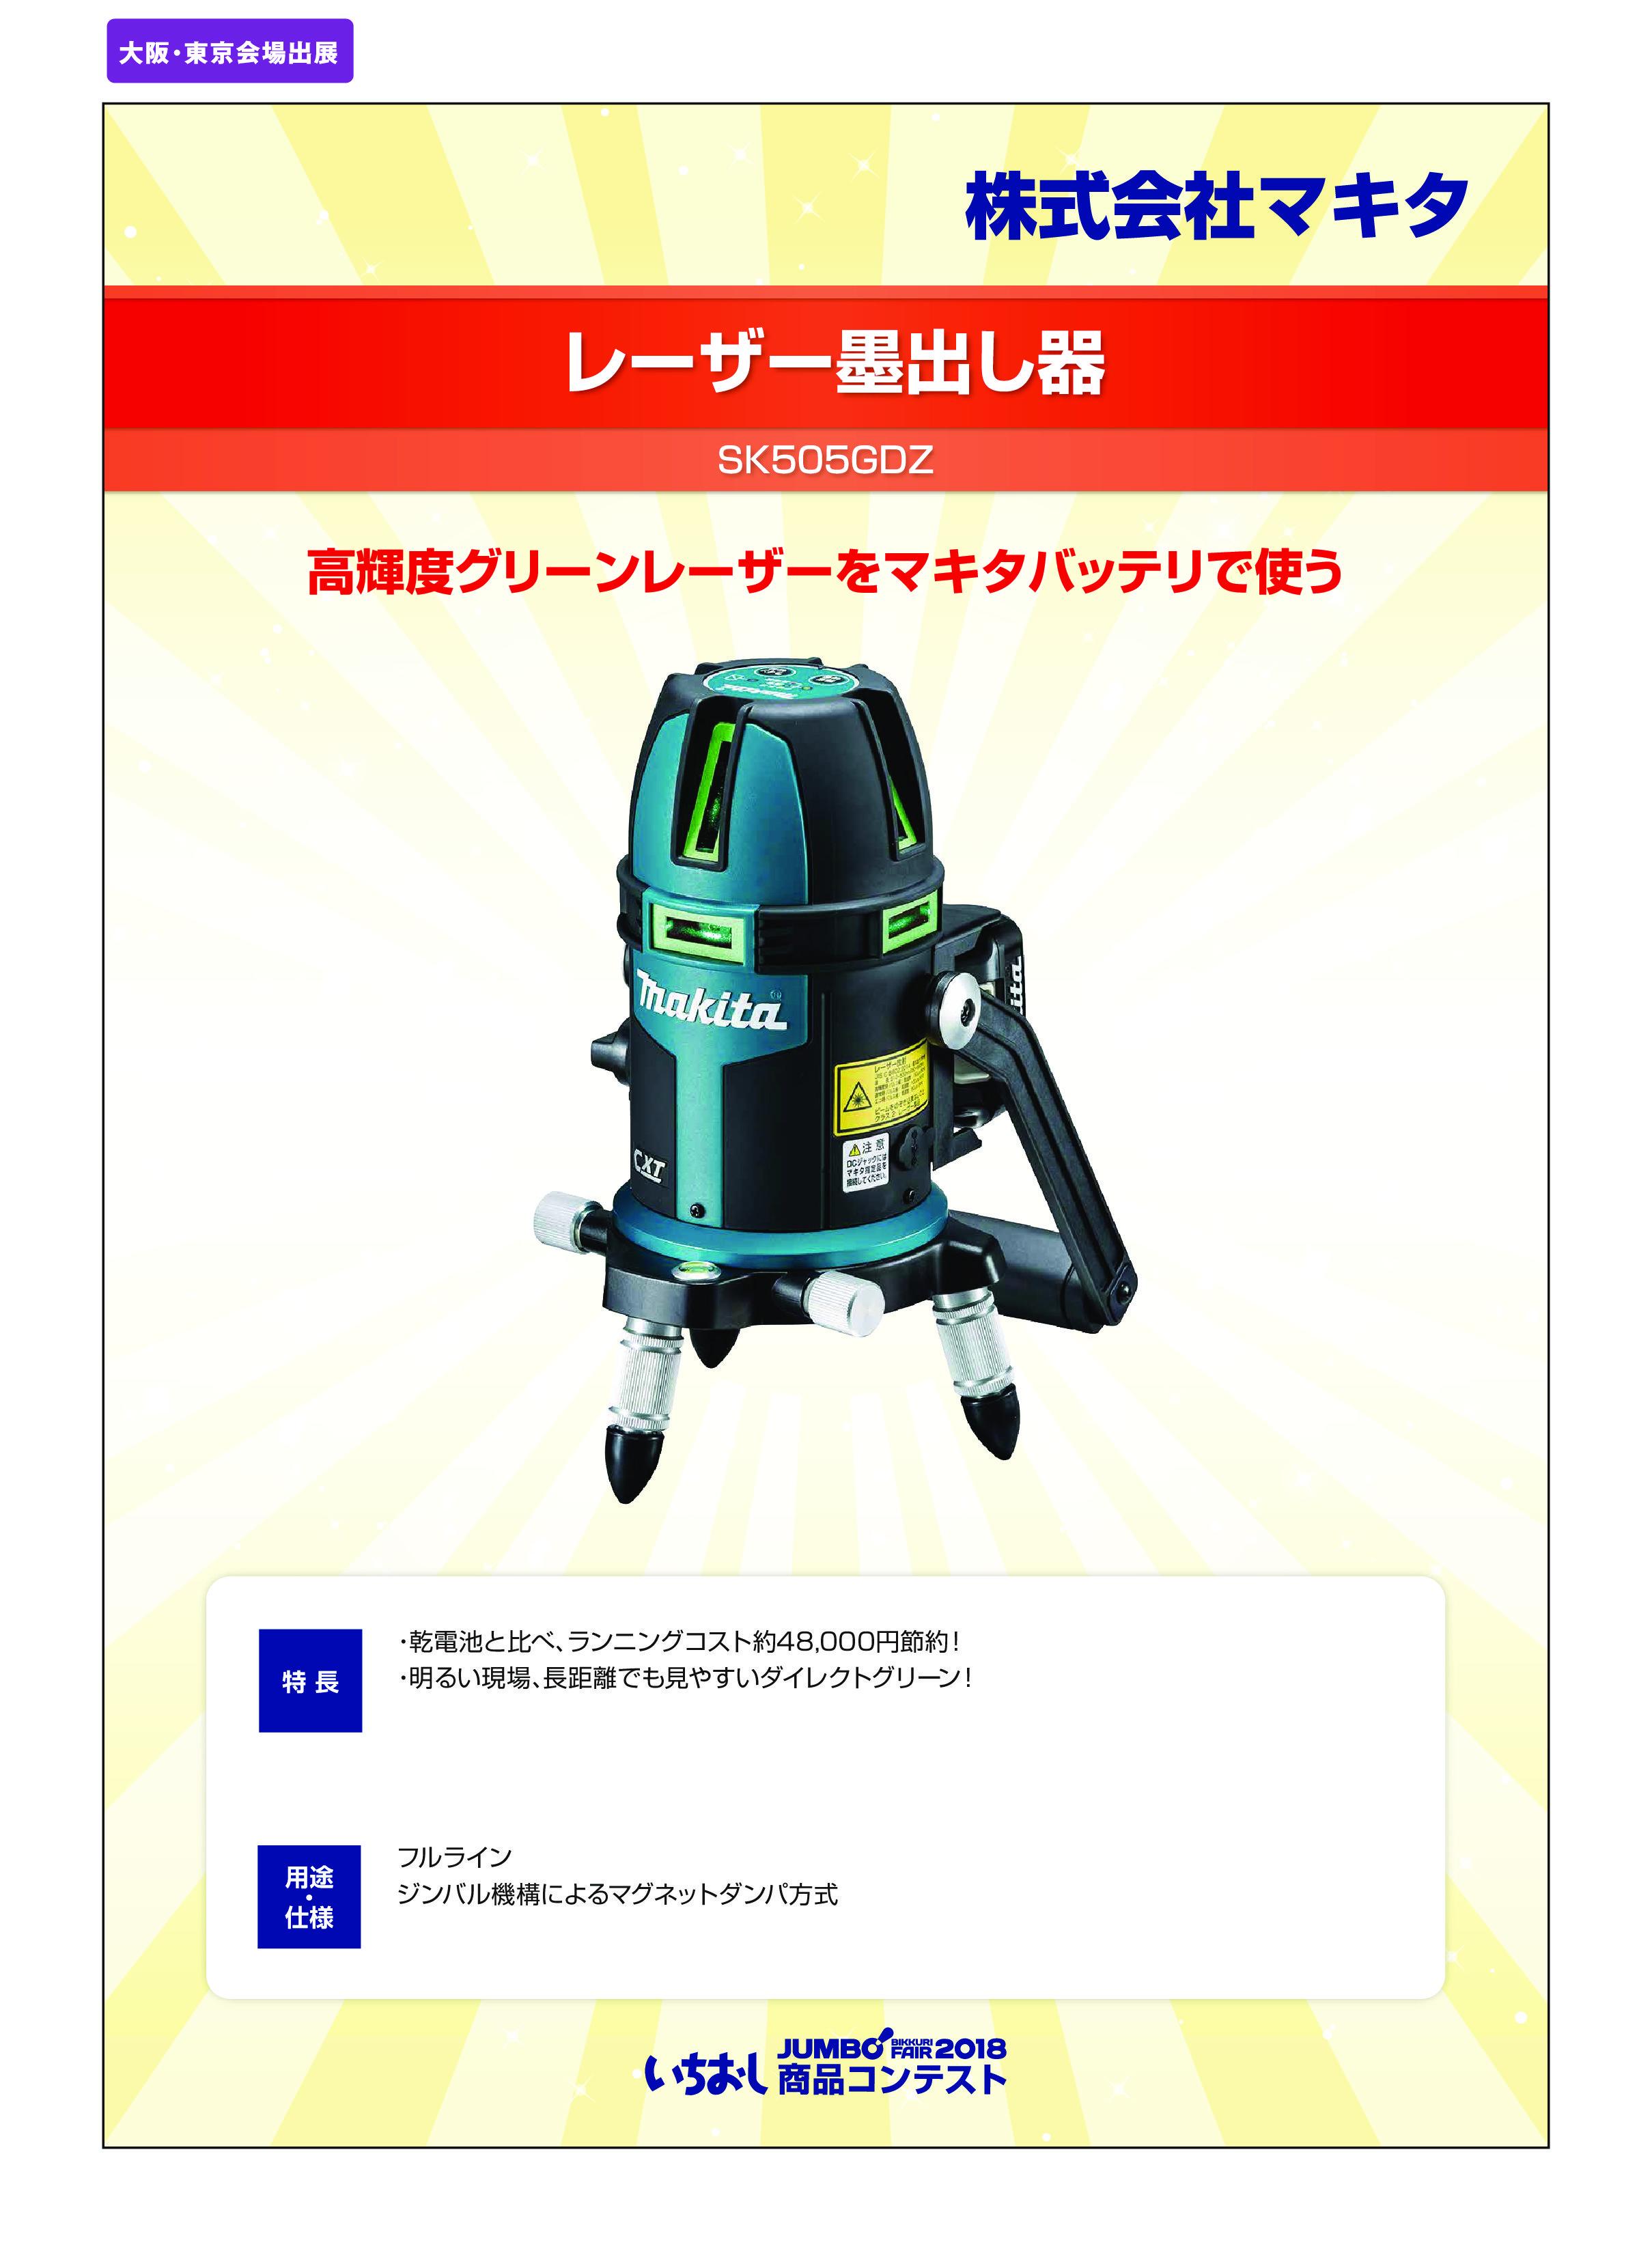 「レーザー墨出し器」株式会社マキタの画像